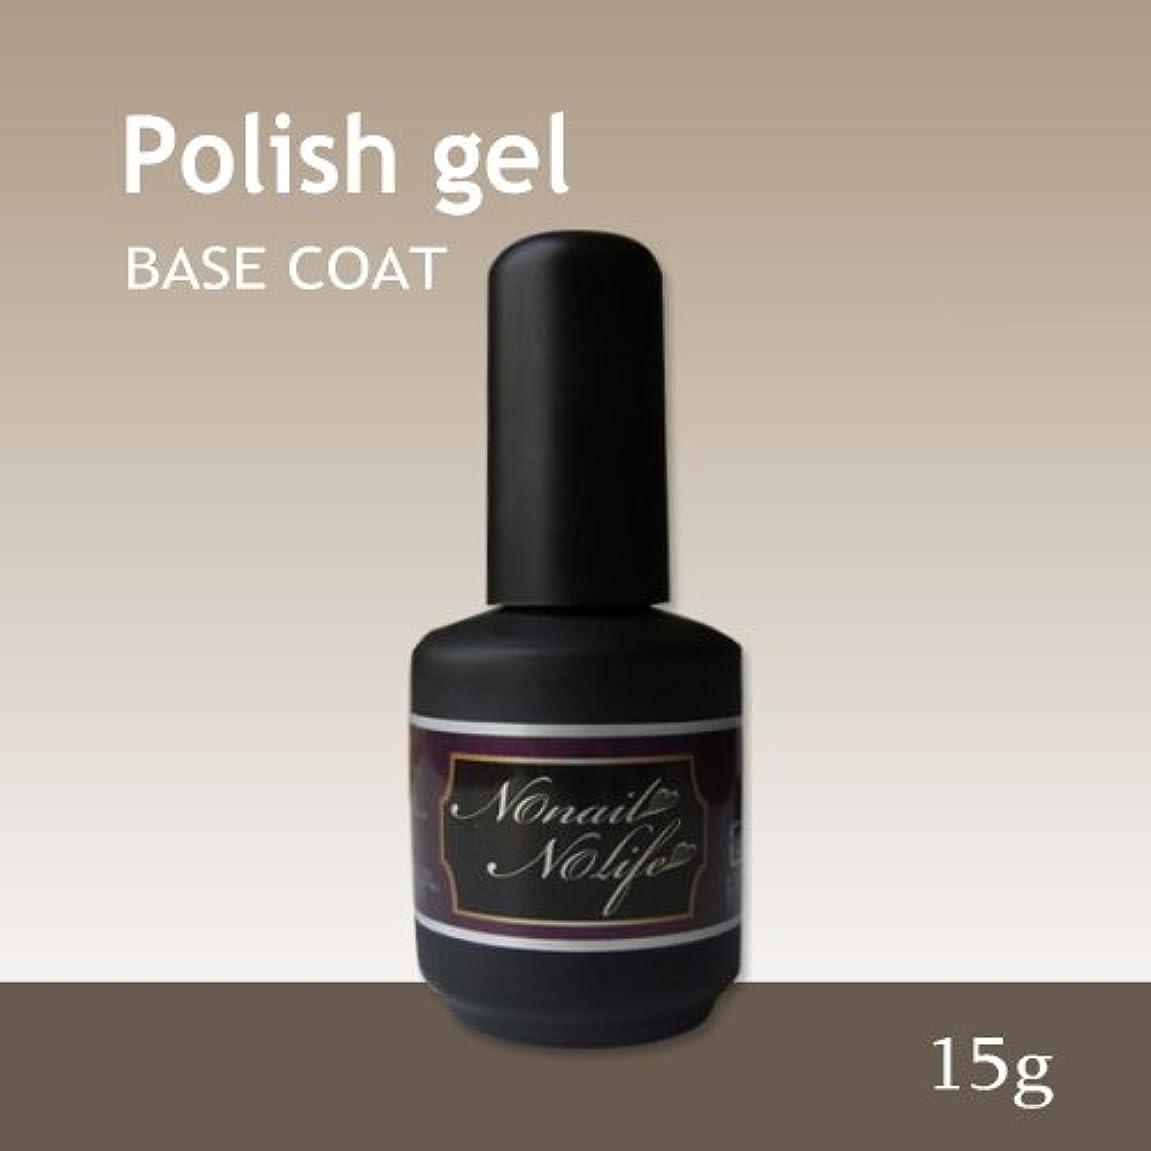 接続落ち着いて作るジェルネイル《サンディング不要のベースコート》Natural Polish ポリッシュベースジェル(15g)